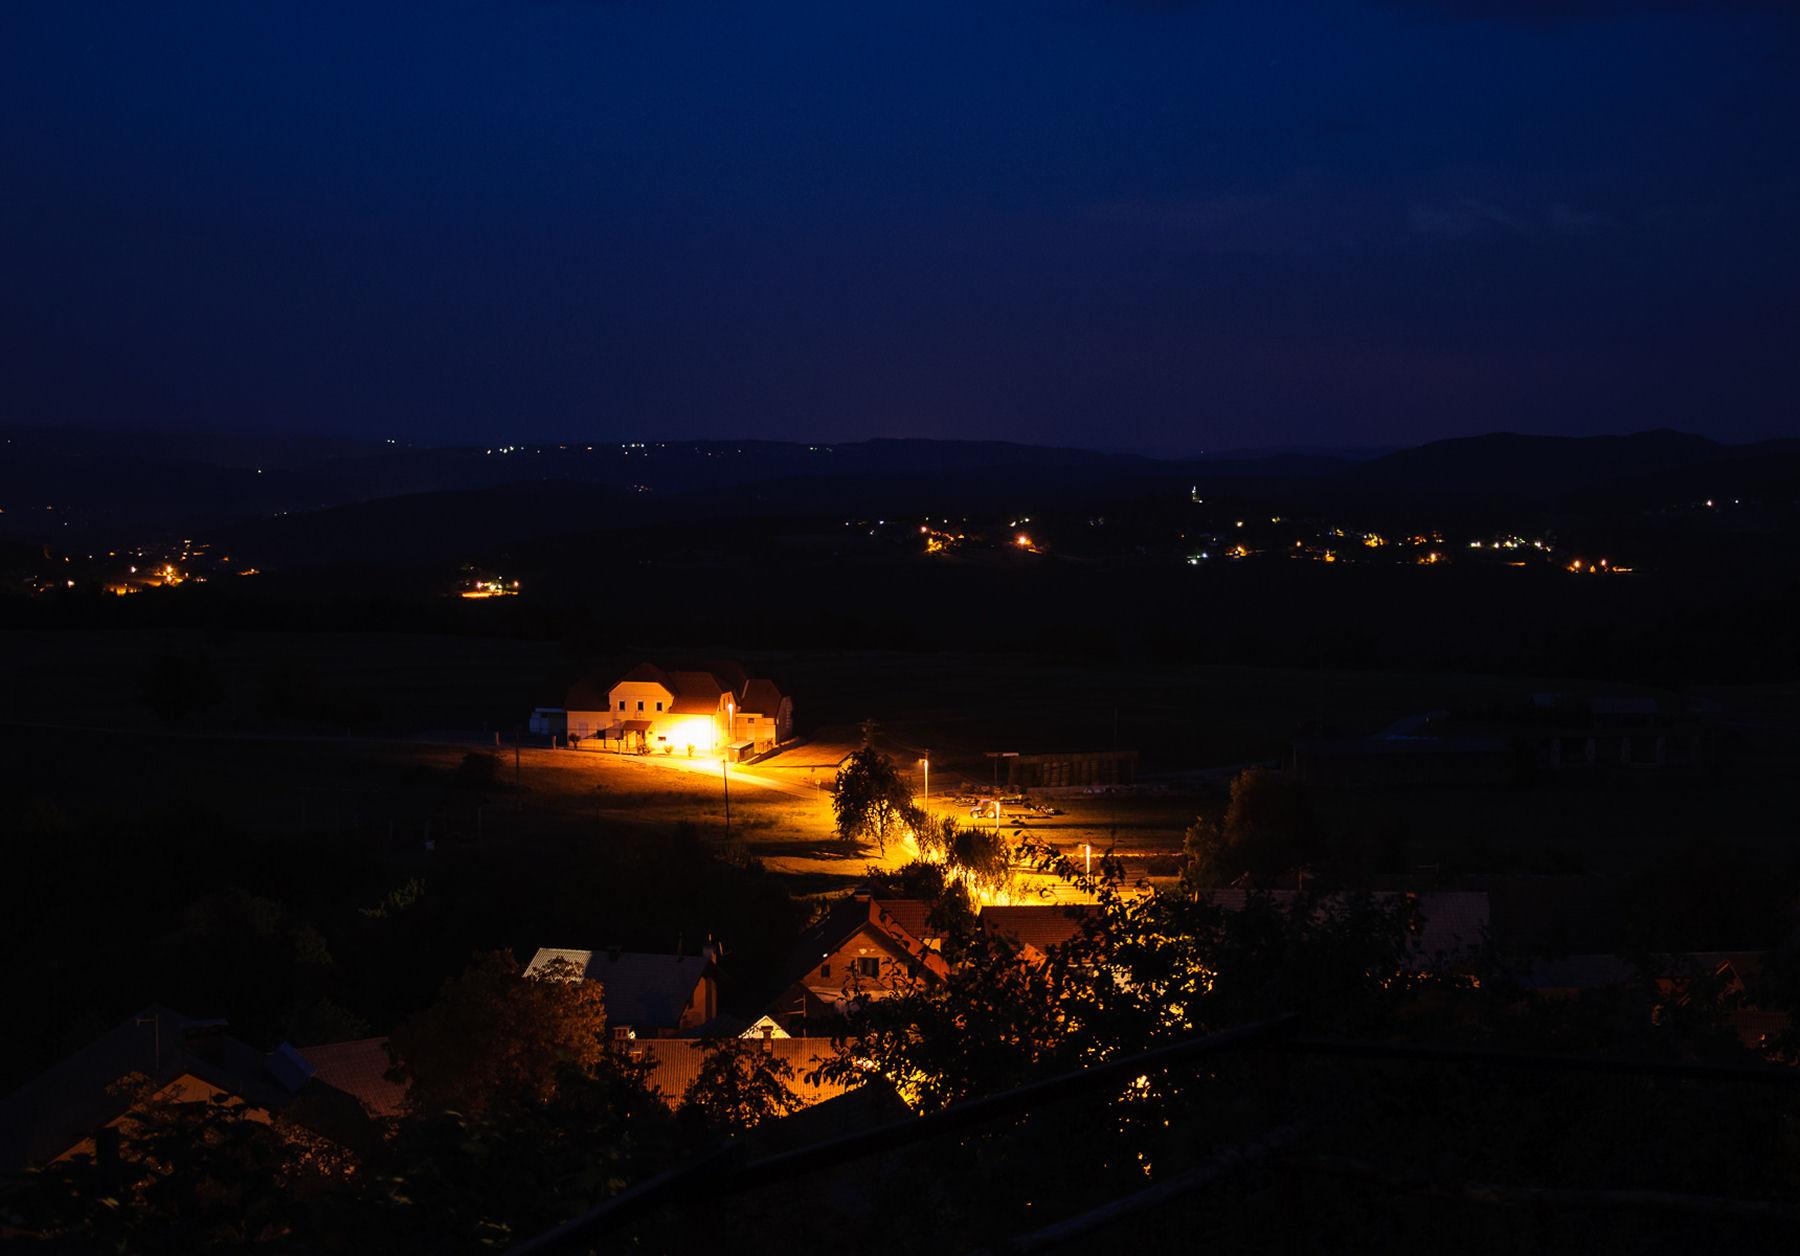 Golo at night